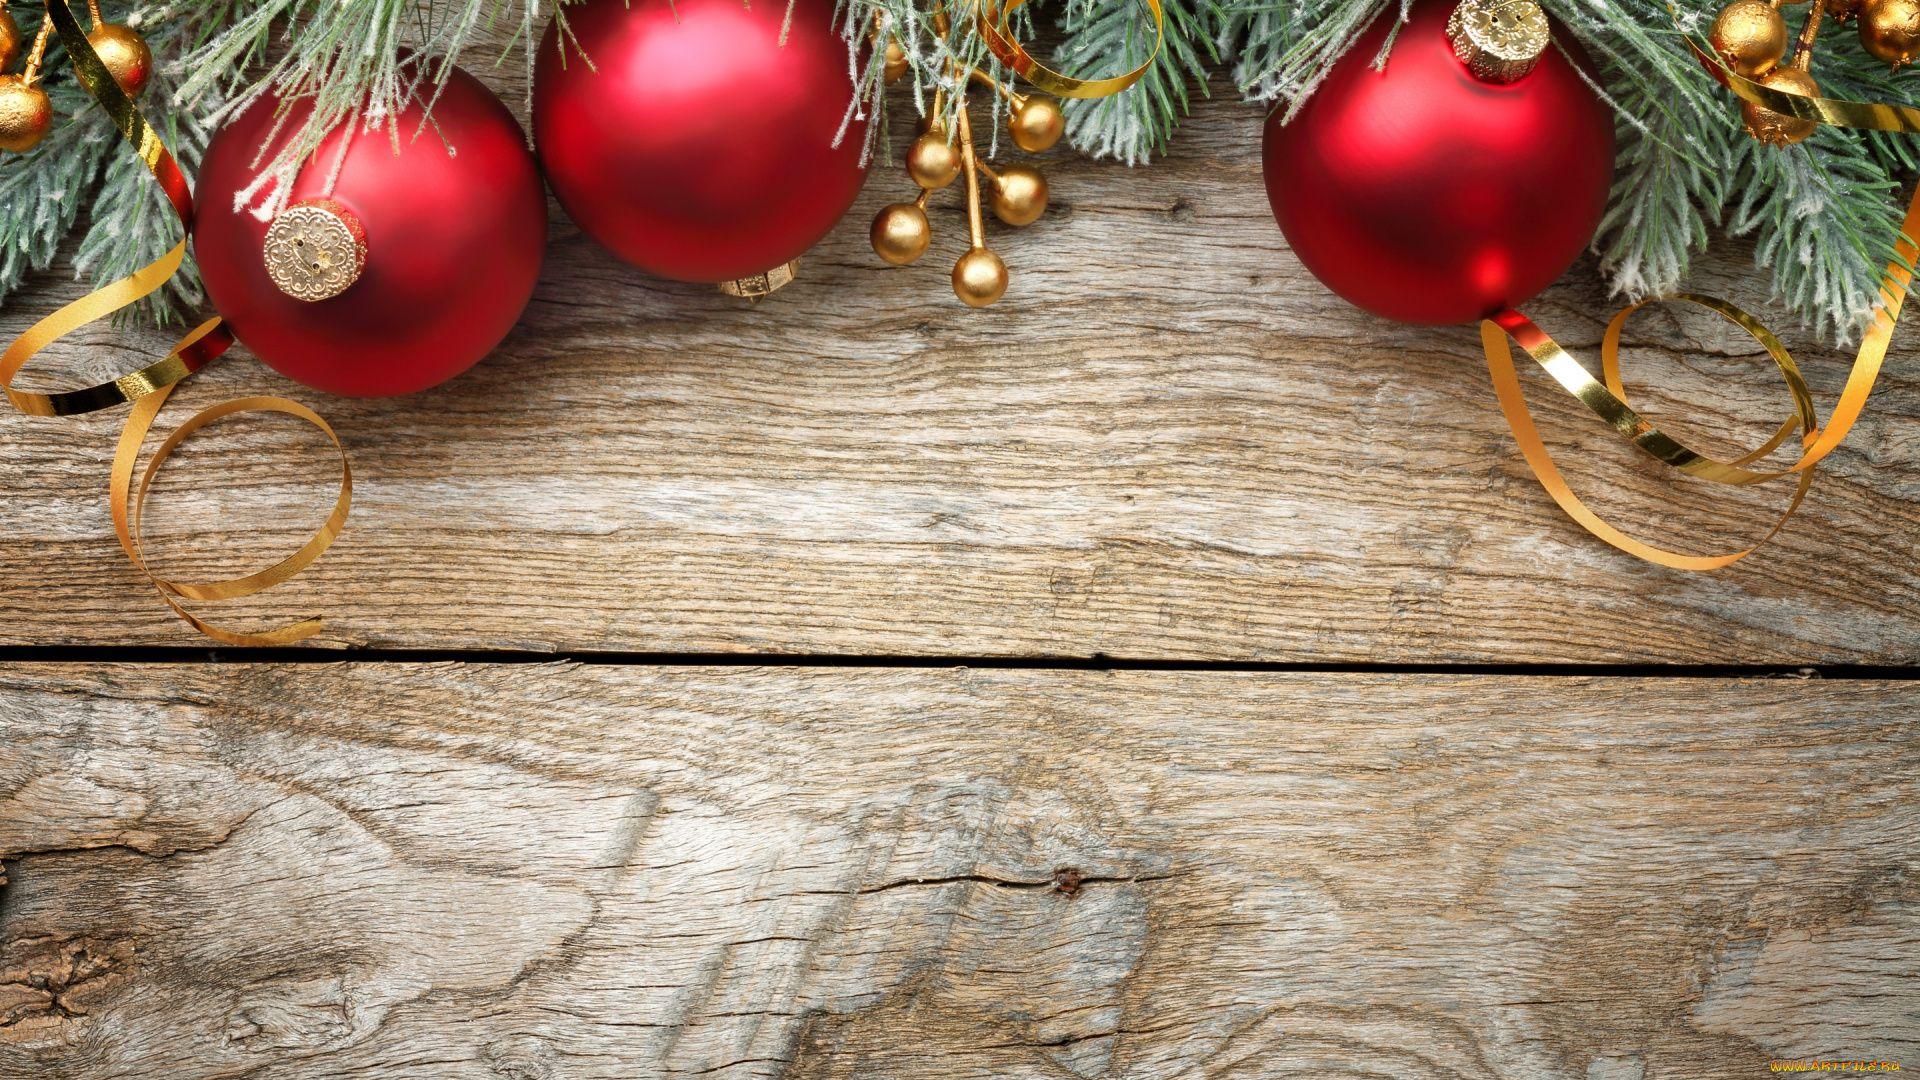 Christmas For Website 1080p Wallpaper